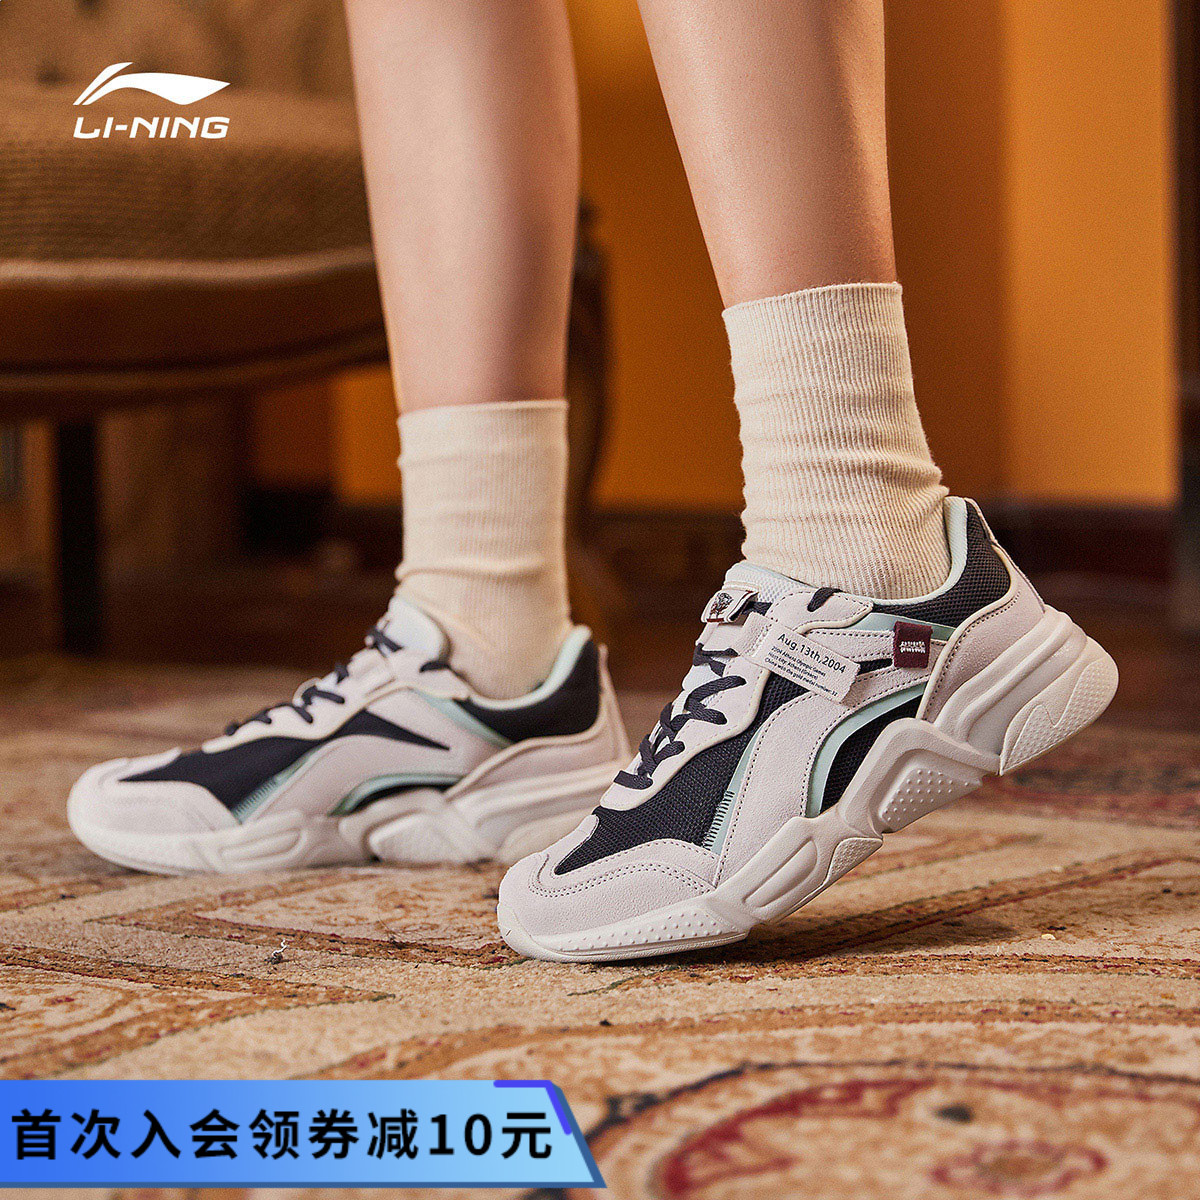 李宁男女鞋烛龙官网厚底舒适休闲鞋